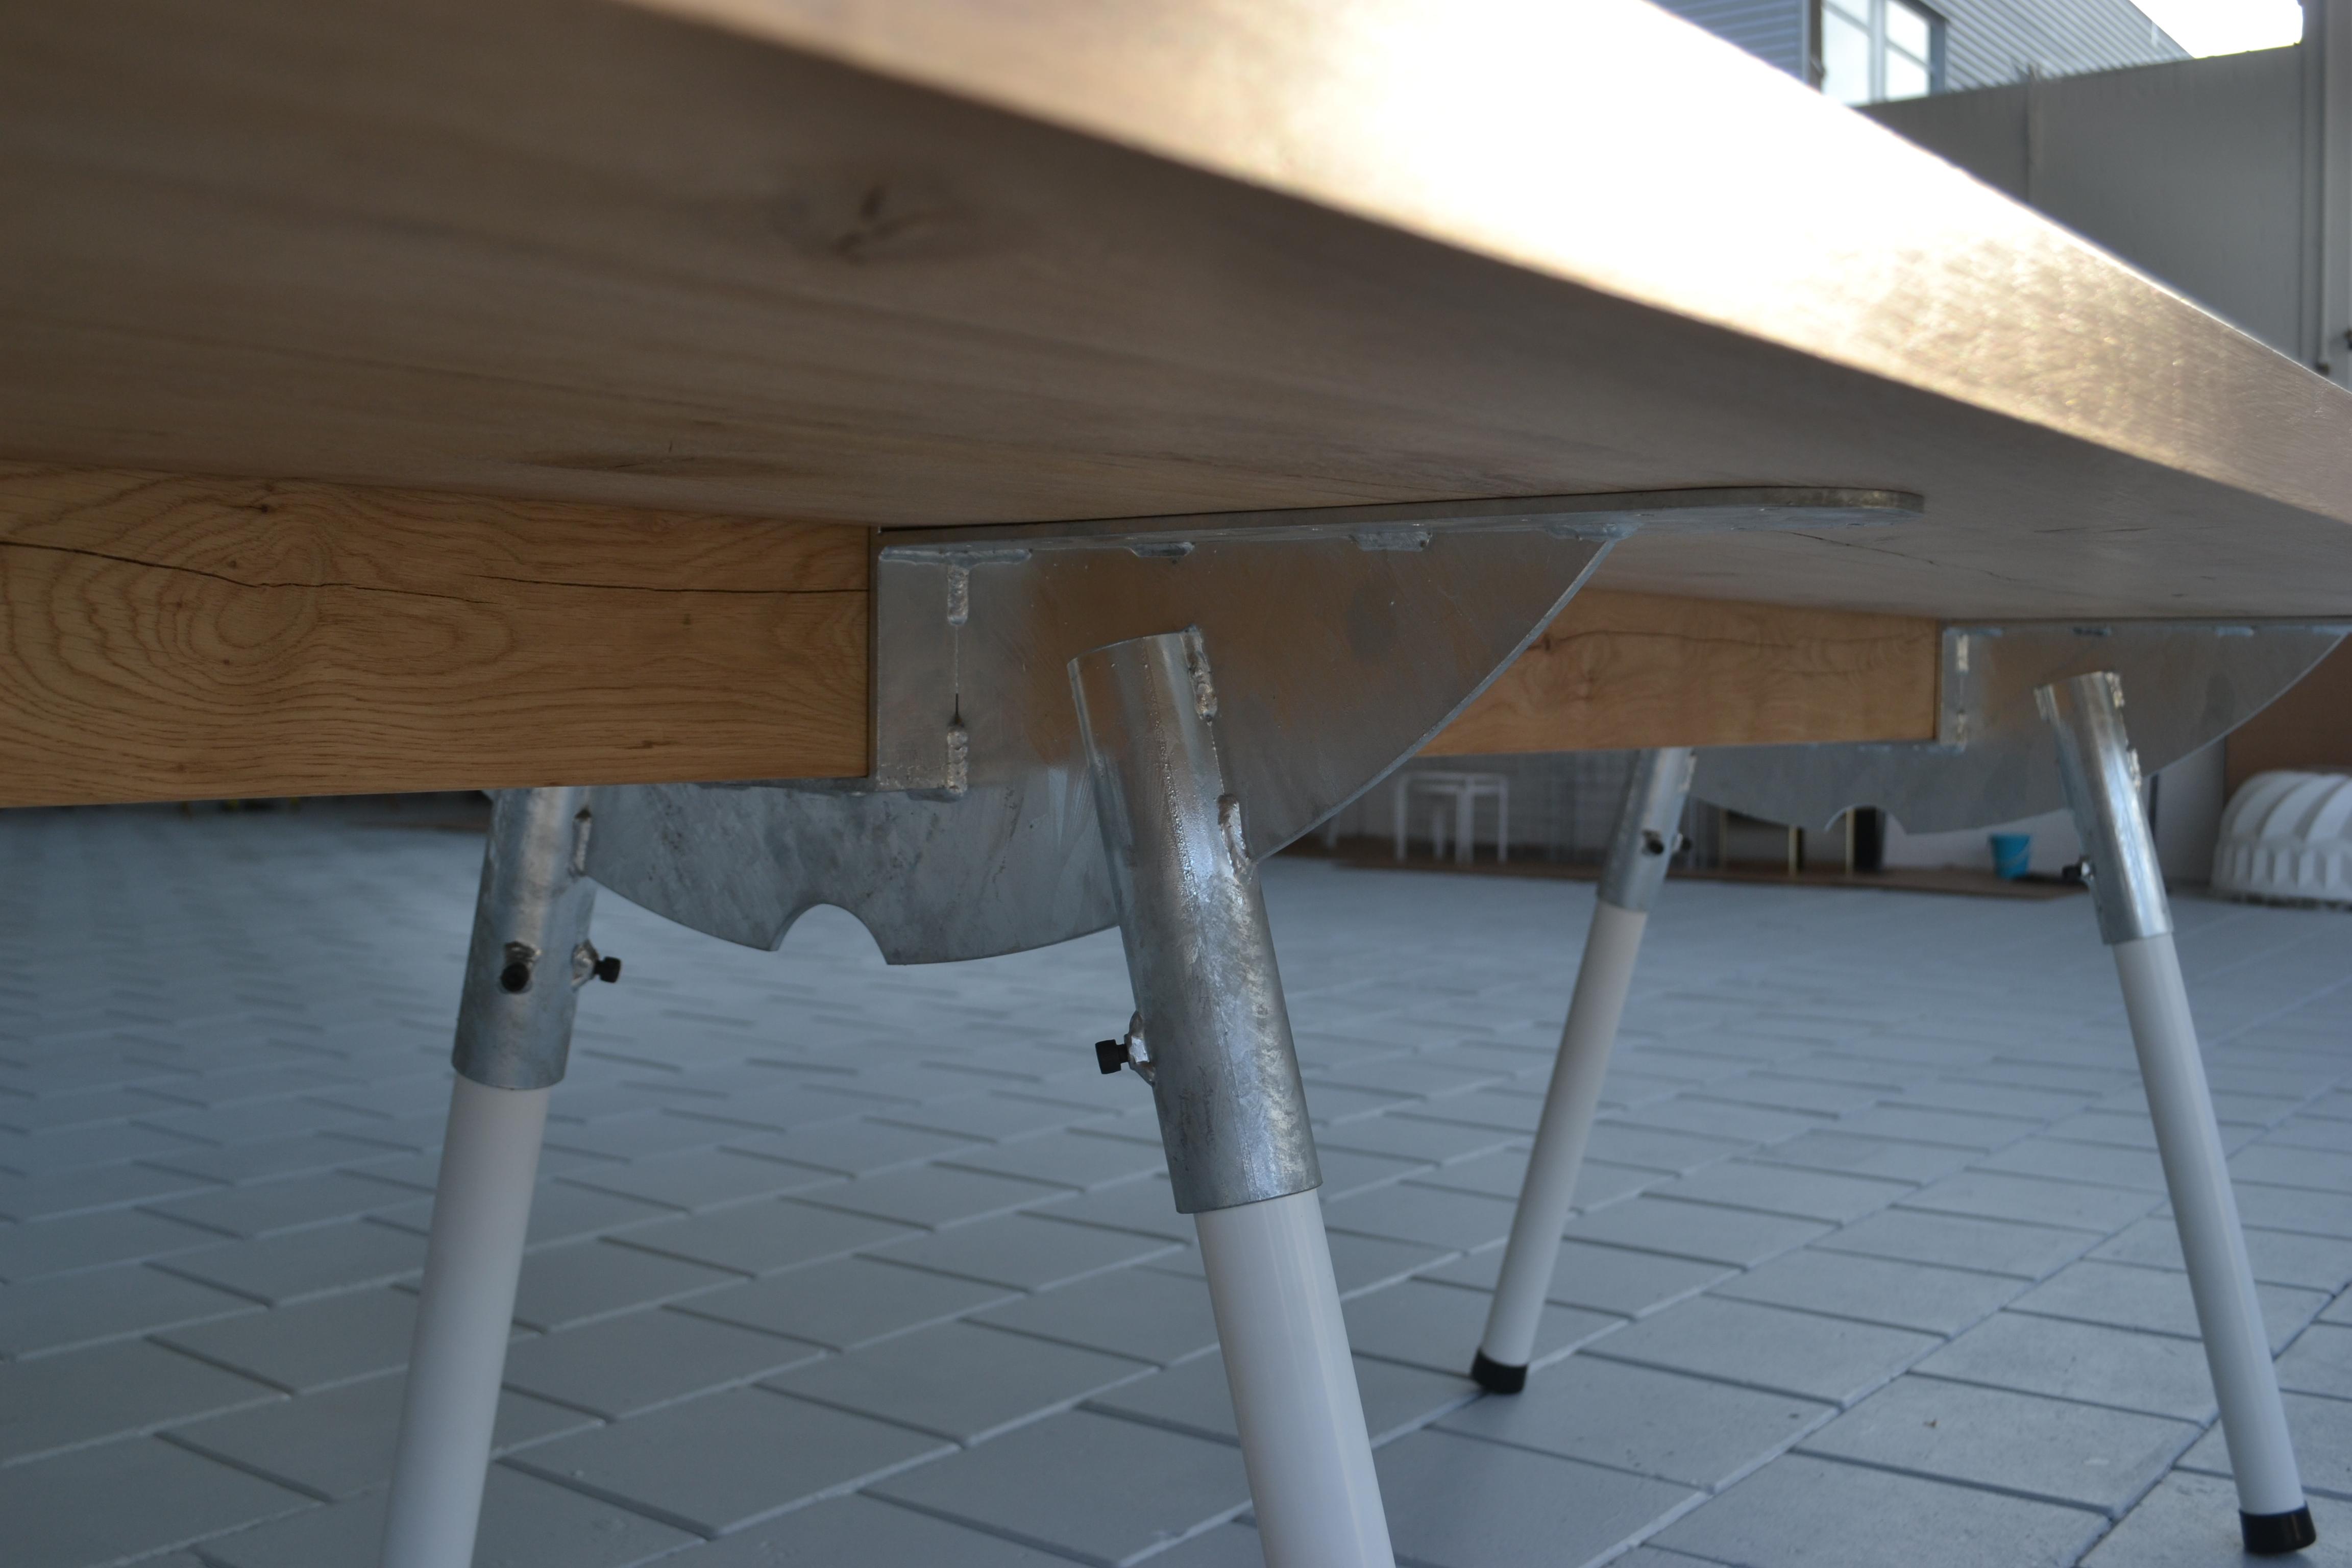 Meubelmaker Eindhoven meubel eikenhout eiken kledingkast kast op maat meubel op maat meubelontwerper meubel ontwerp ontwerp en uitvoering houtwerff jorrit van der werff interieur meubels in opdracht dressoir modern meubel Dutch Design Week DDW17 DDW16 Sectie C Area C SectieC massief